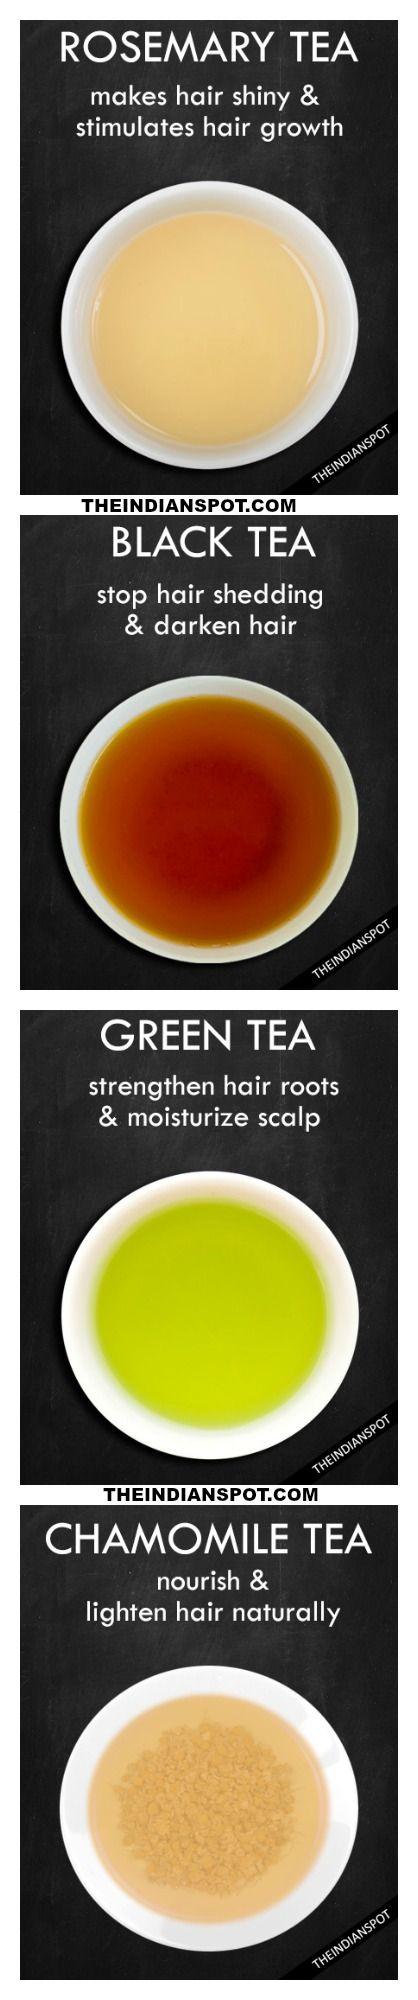 Rosemary, black, green tea for hair